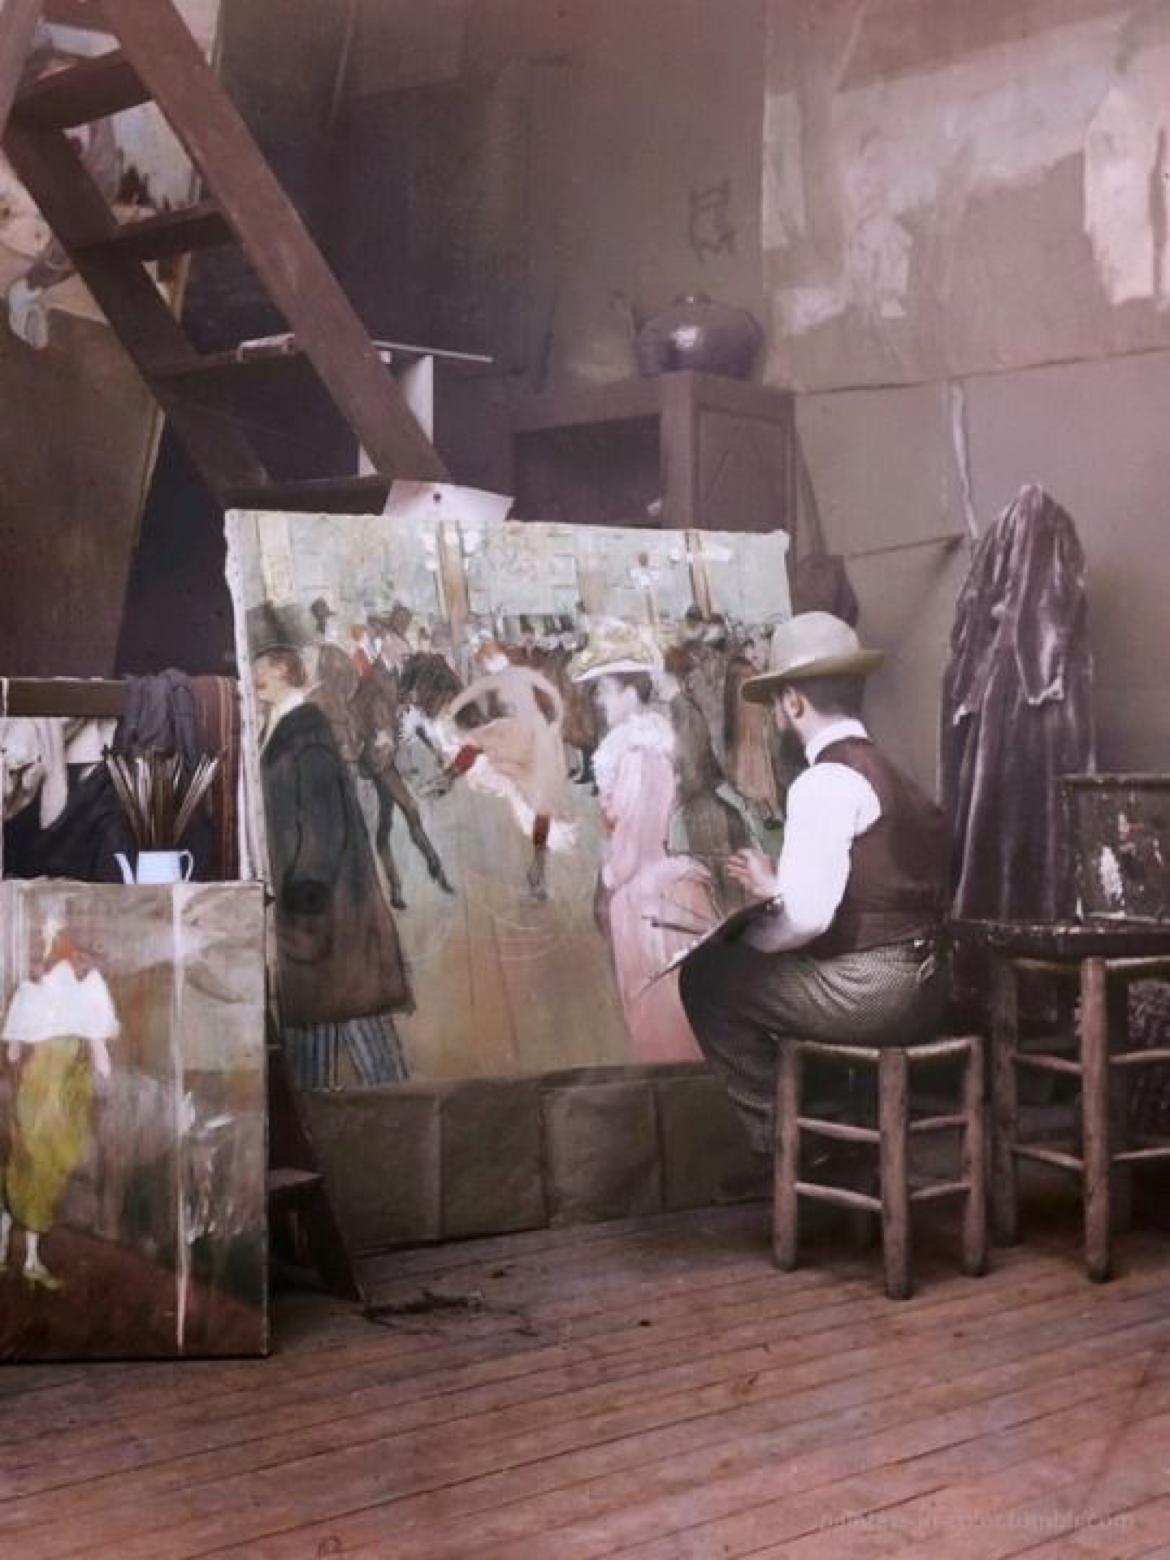 Henri Toulouse-Lautrec painting 'The Dance at Moulin Rouge', photo Auriclide Gilbert, Paris, 1893 @oldpicsarchive